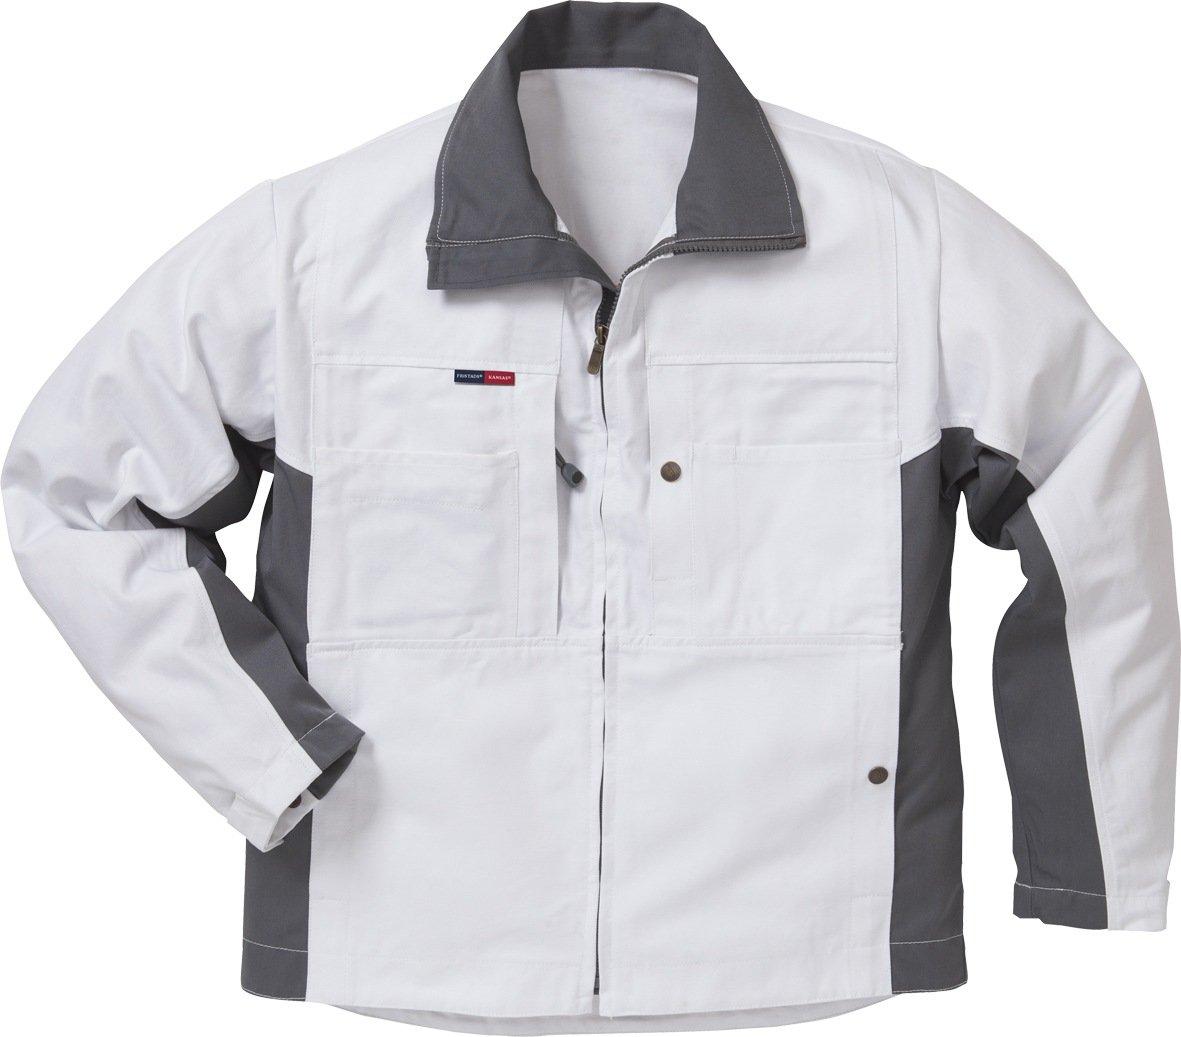 Fristad Kansas - Jacket 458 BM X/Large White 100123-900 XL